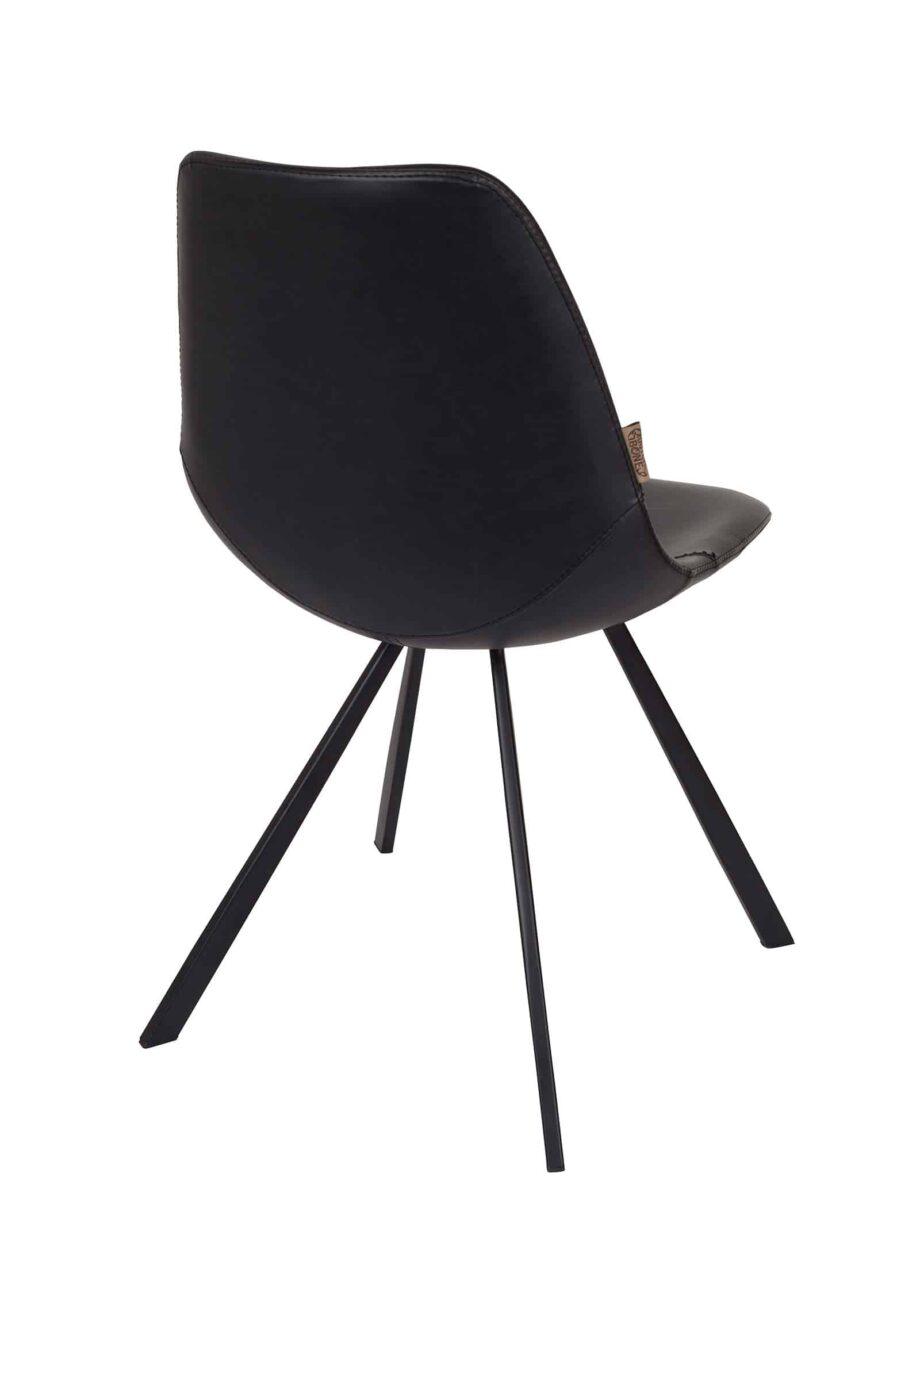 Franky stoel Dutchbone zwart leder